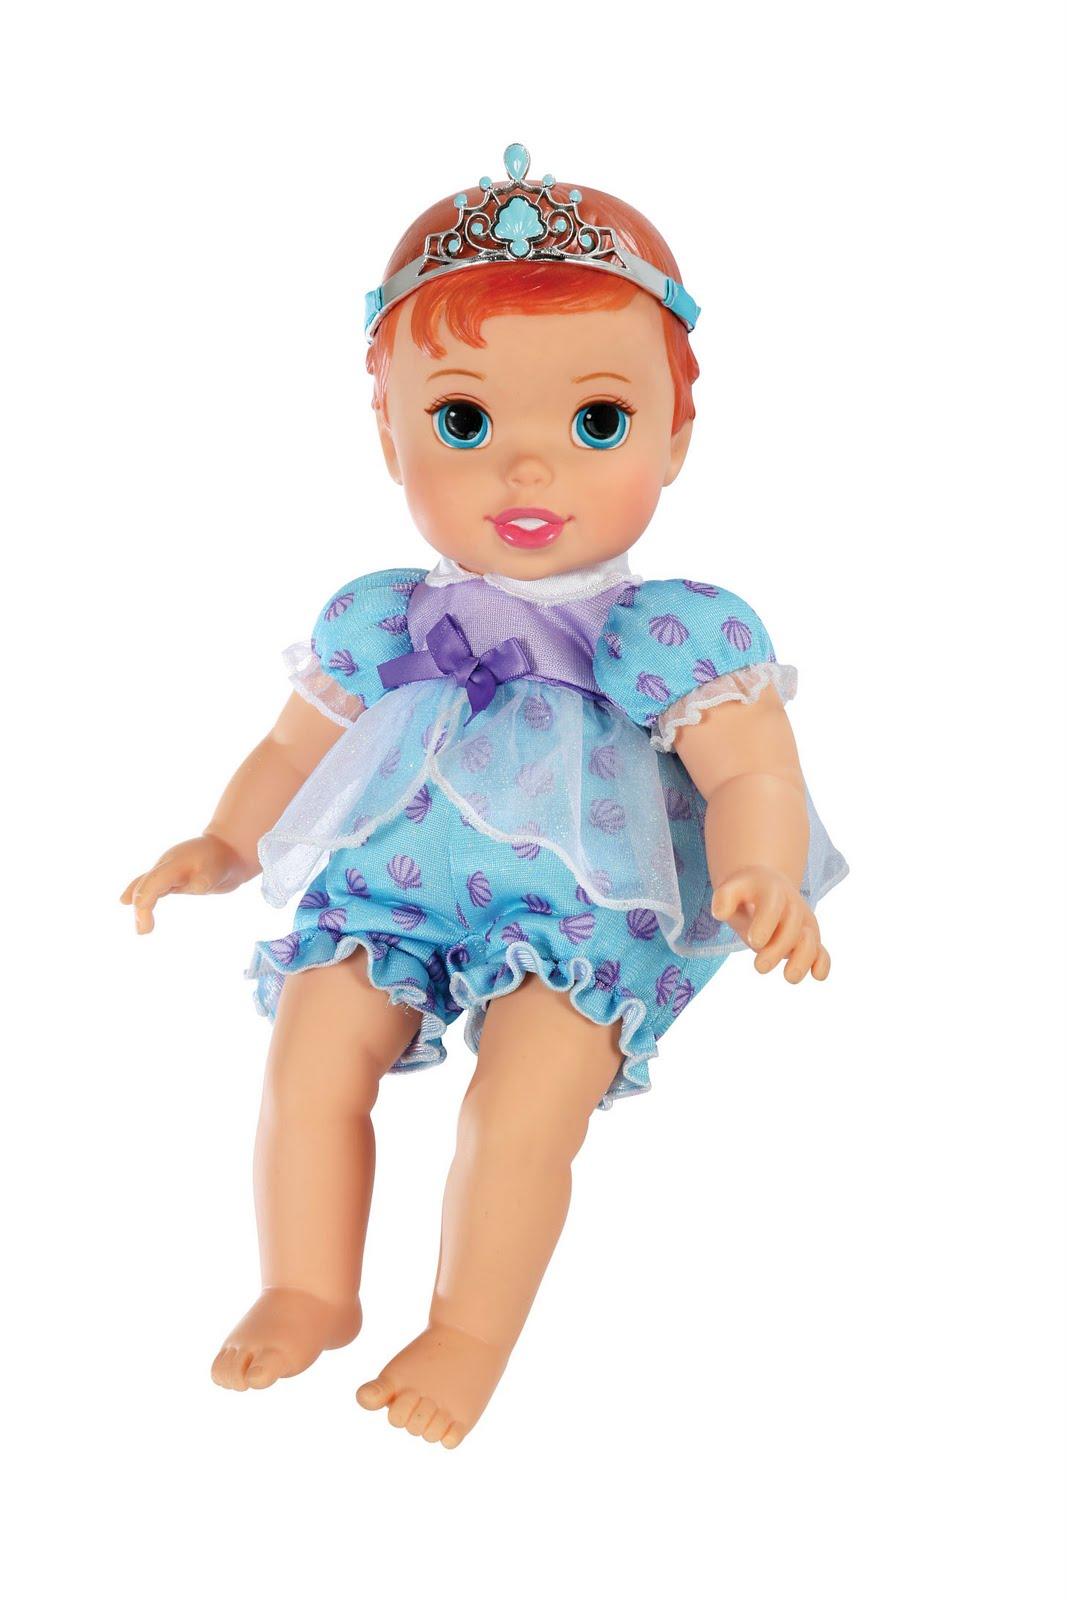 Disney Princess Baby - Disney Princess Photo (34491487 ...  |Baby Disney Princess